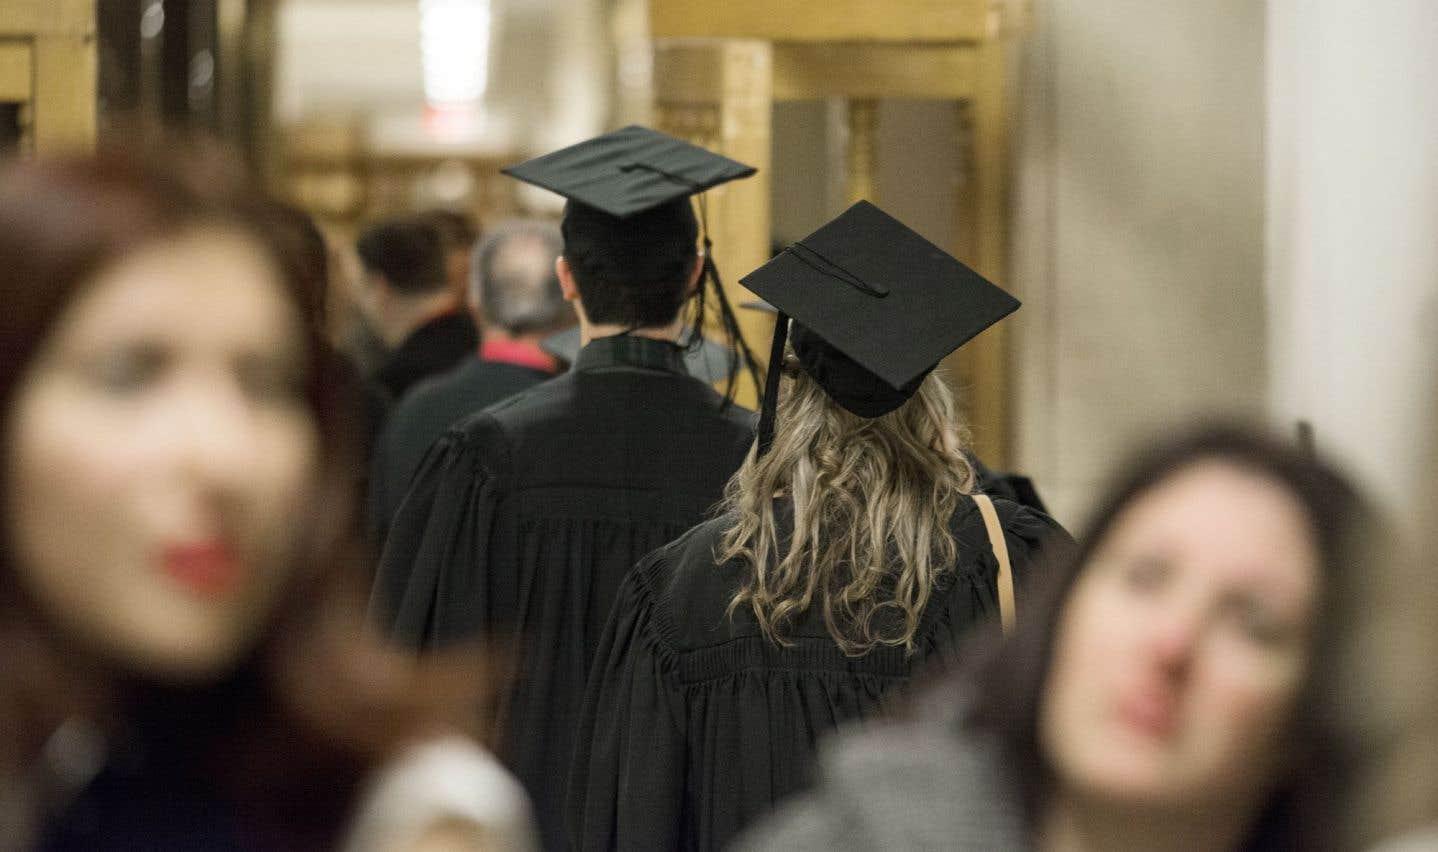 Un étudiant au doctorat qui décroche, c'est un investissement perdu pour notre économie du savoir. Raison de plus pour l'outiller, et au-delà même de ses compétences spécifiques.